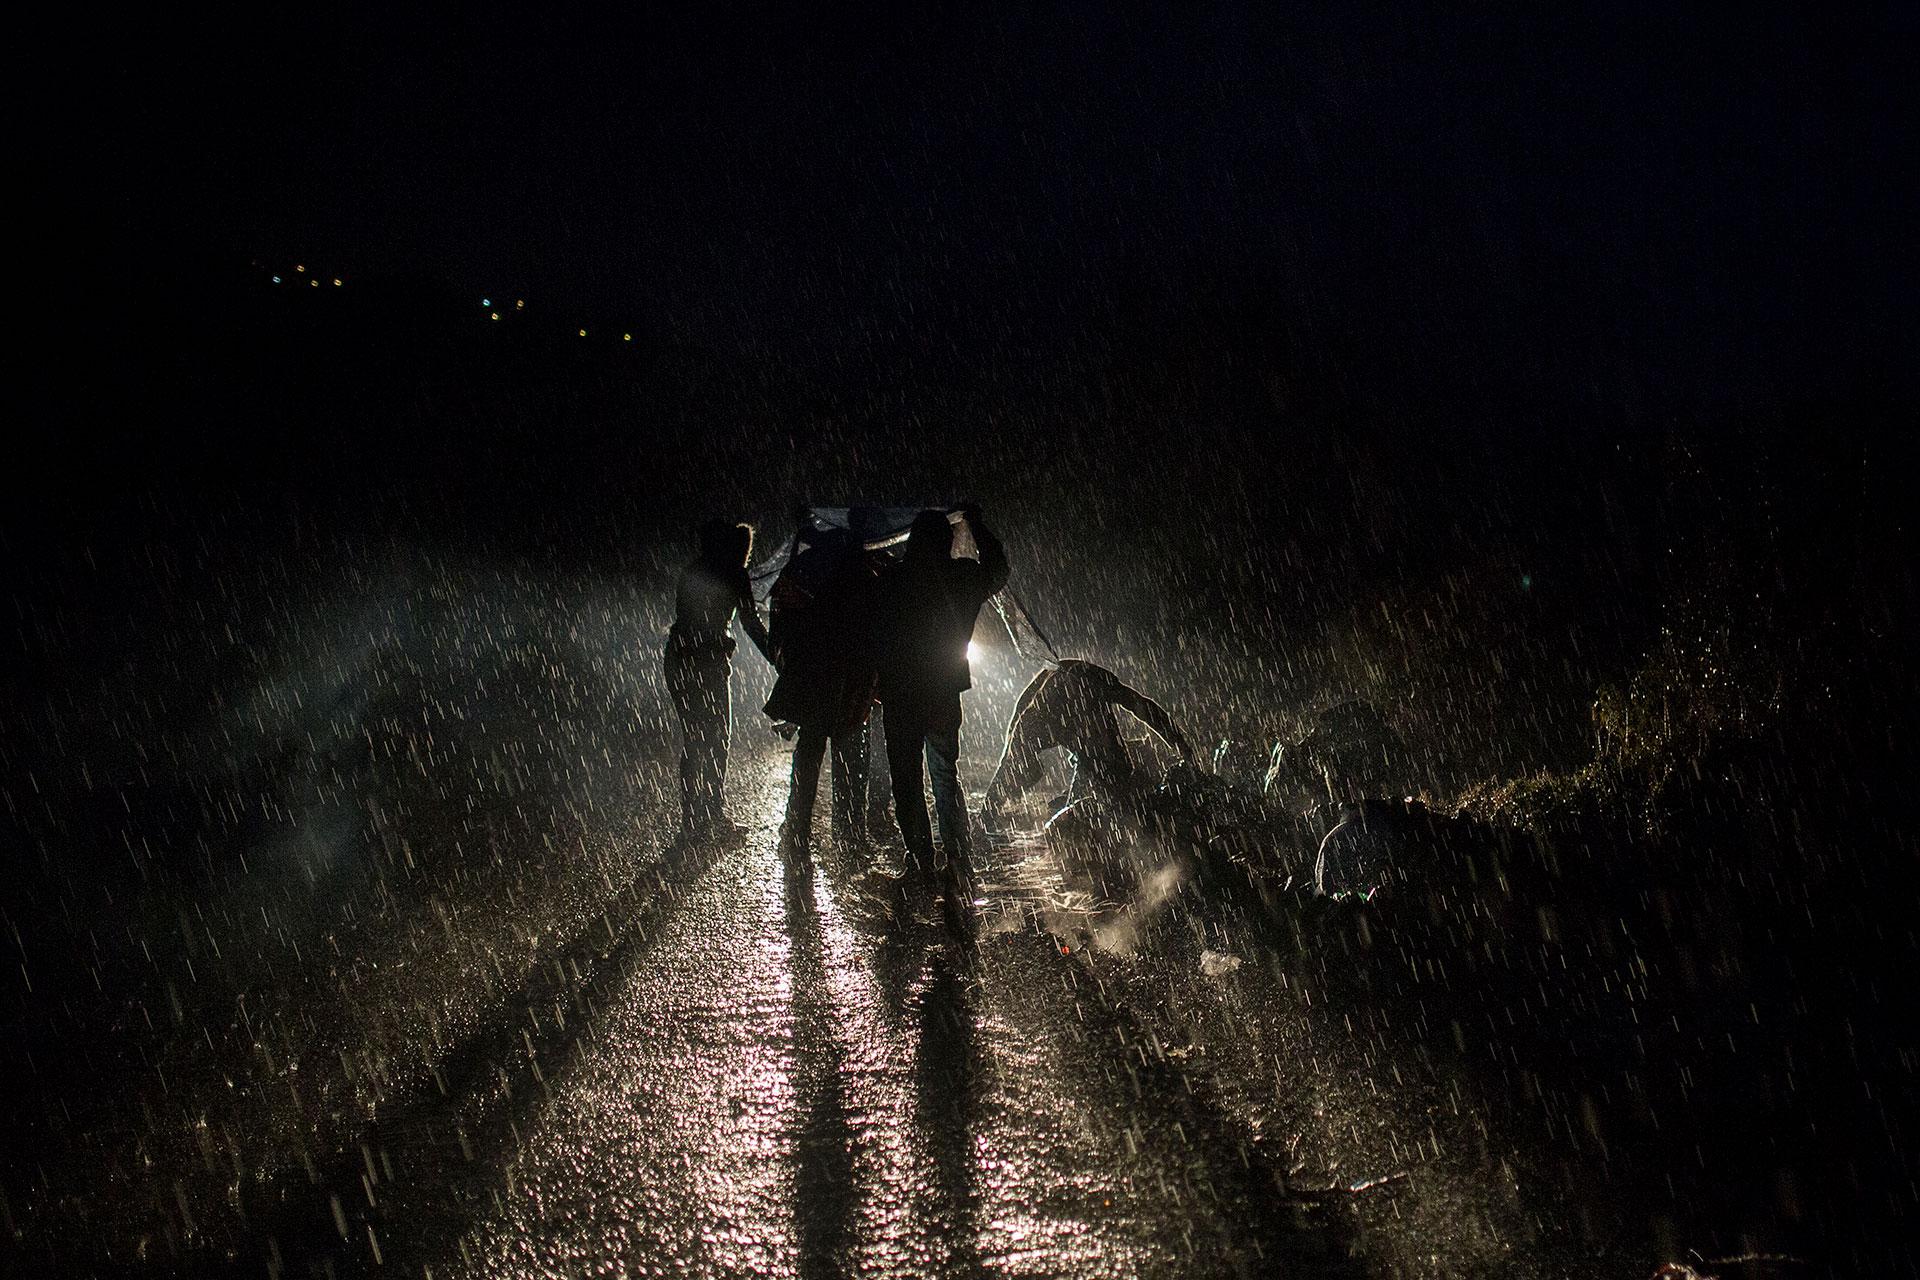 Un grupo de personas refugiadas pasa la noche bajo una intensa lluvia, a la espera de que algún vehículo les ayude a trasladarse desde el norte de la isla a los puntos de recepción ubicados a más de 60 kilómetros.